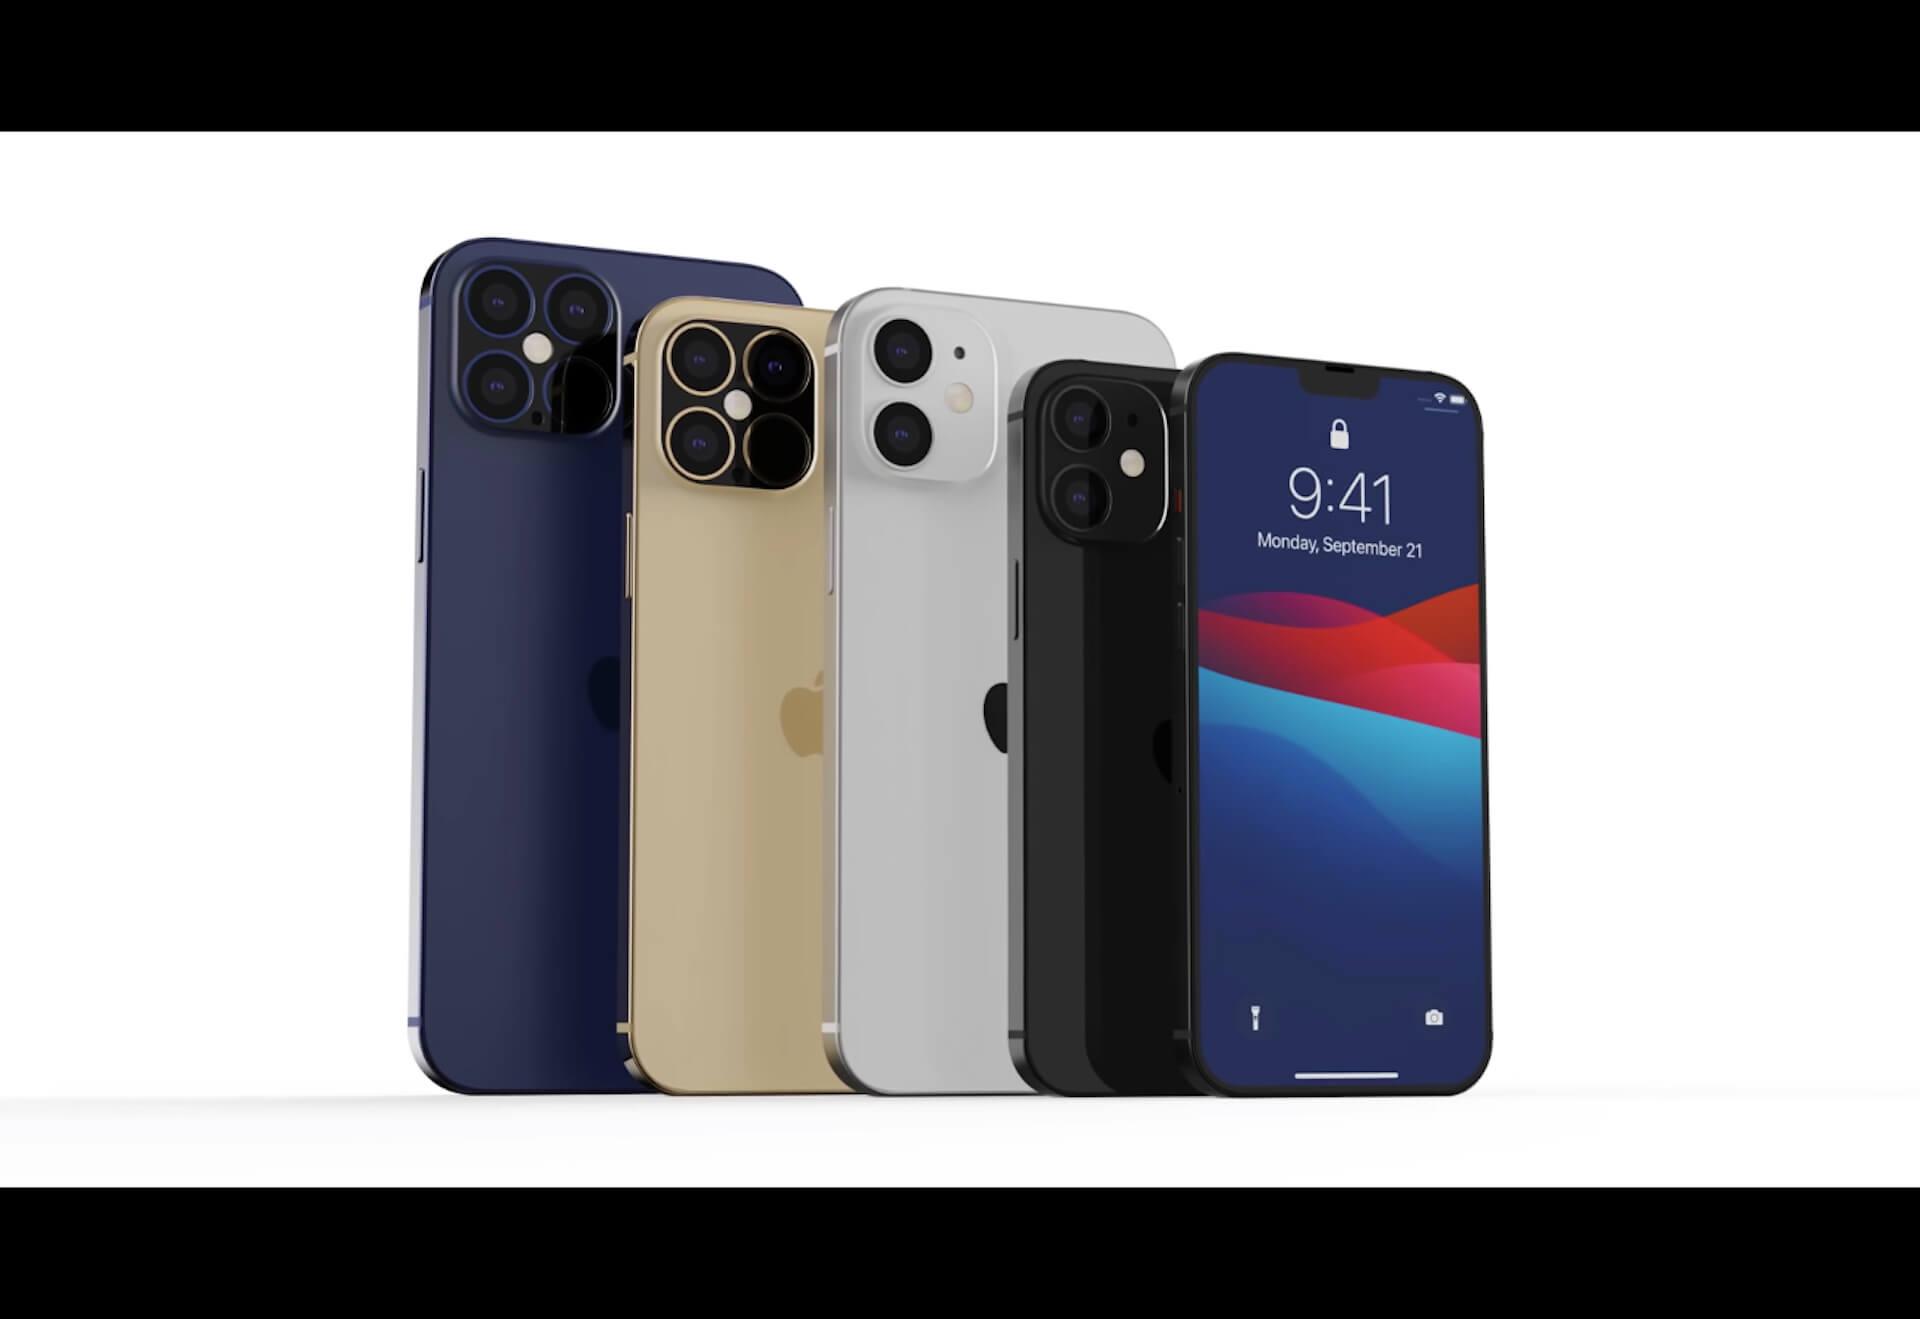 iPhone 12の最小モデルと最大モデルの差はこれぐらい?サイズ比較するレンダリング画像が公開 tech200804_iphone12_main